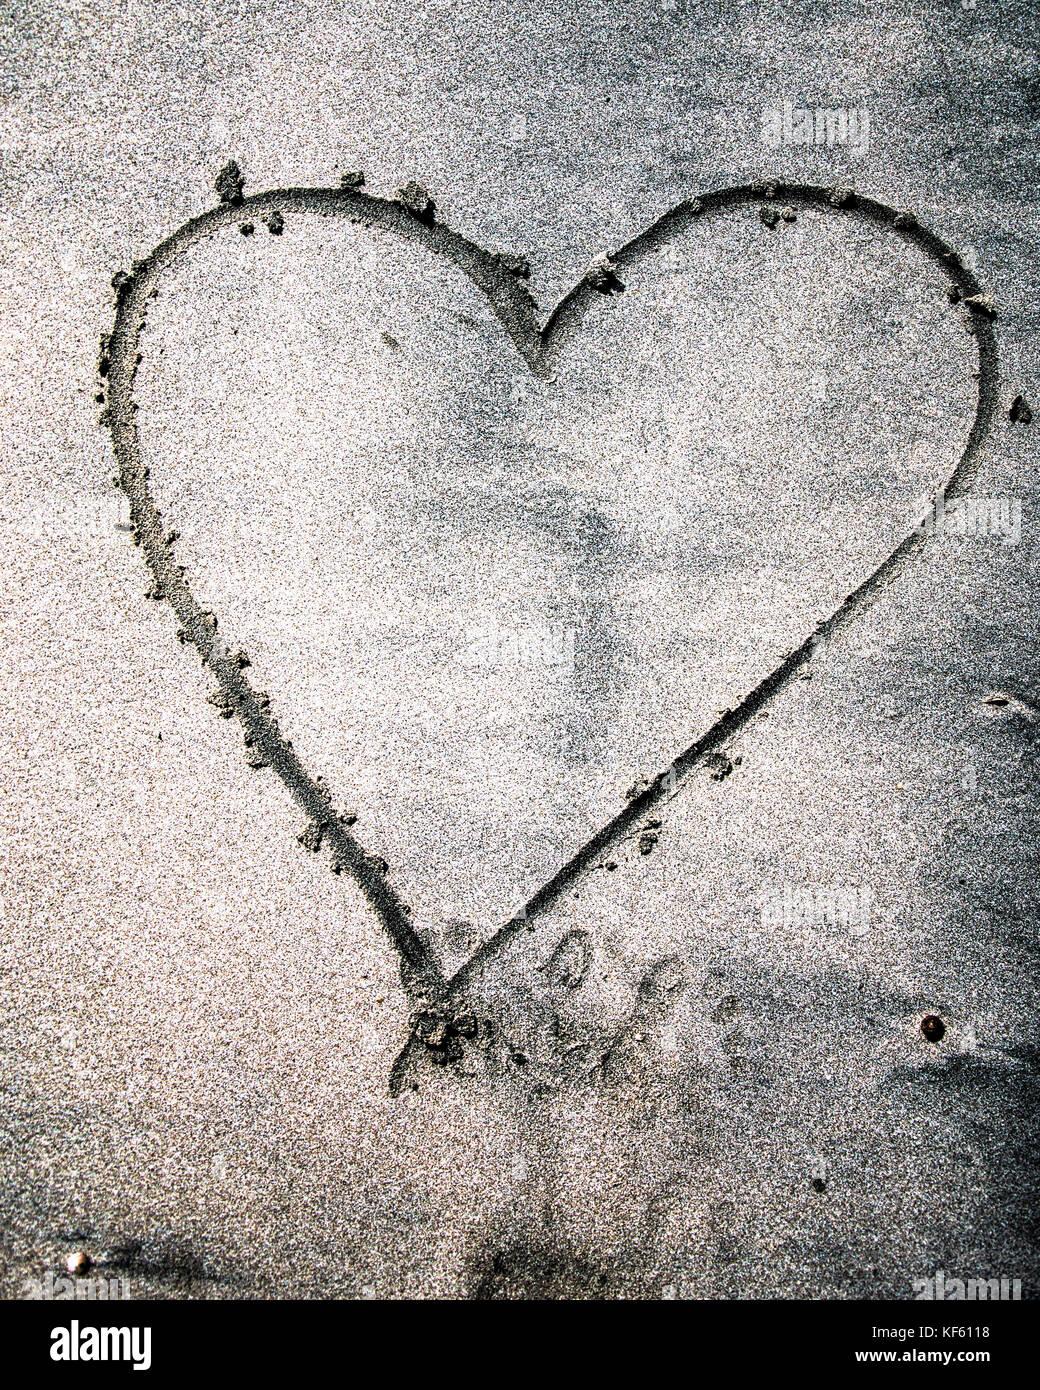 El corazón, el amor, el compromiso, la relación Imagen De Stock